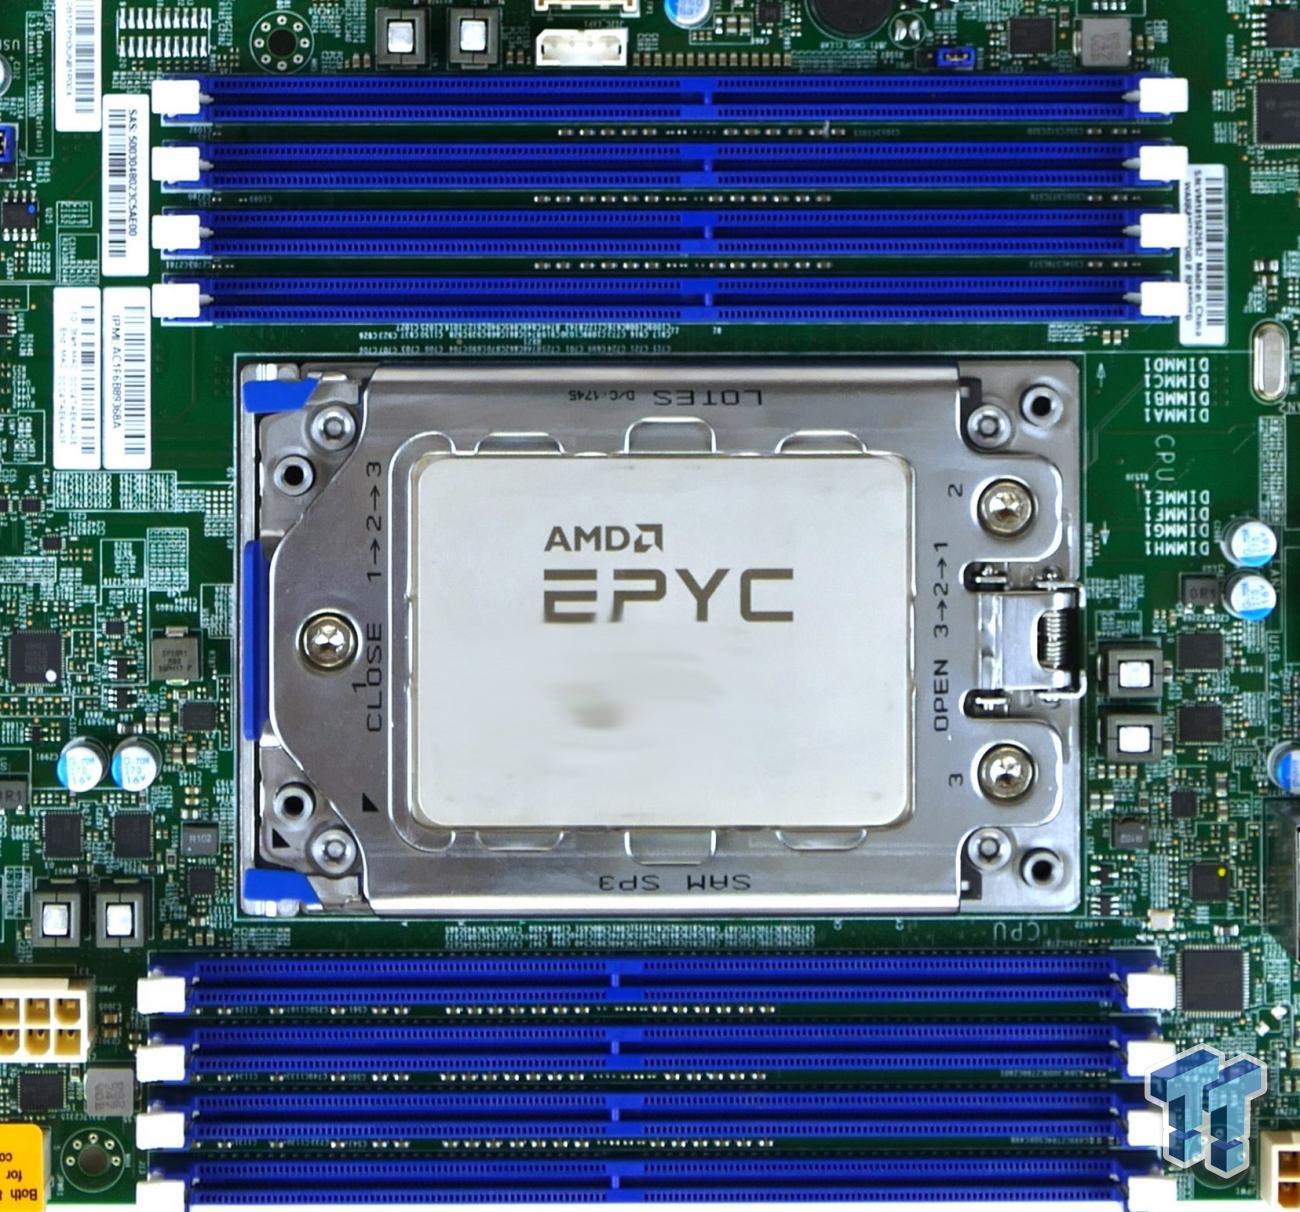 AMD EPYC 7401 Consumer Tested